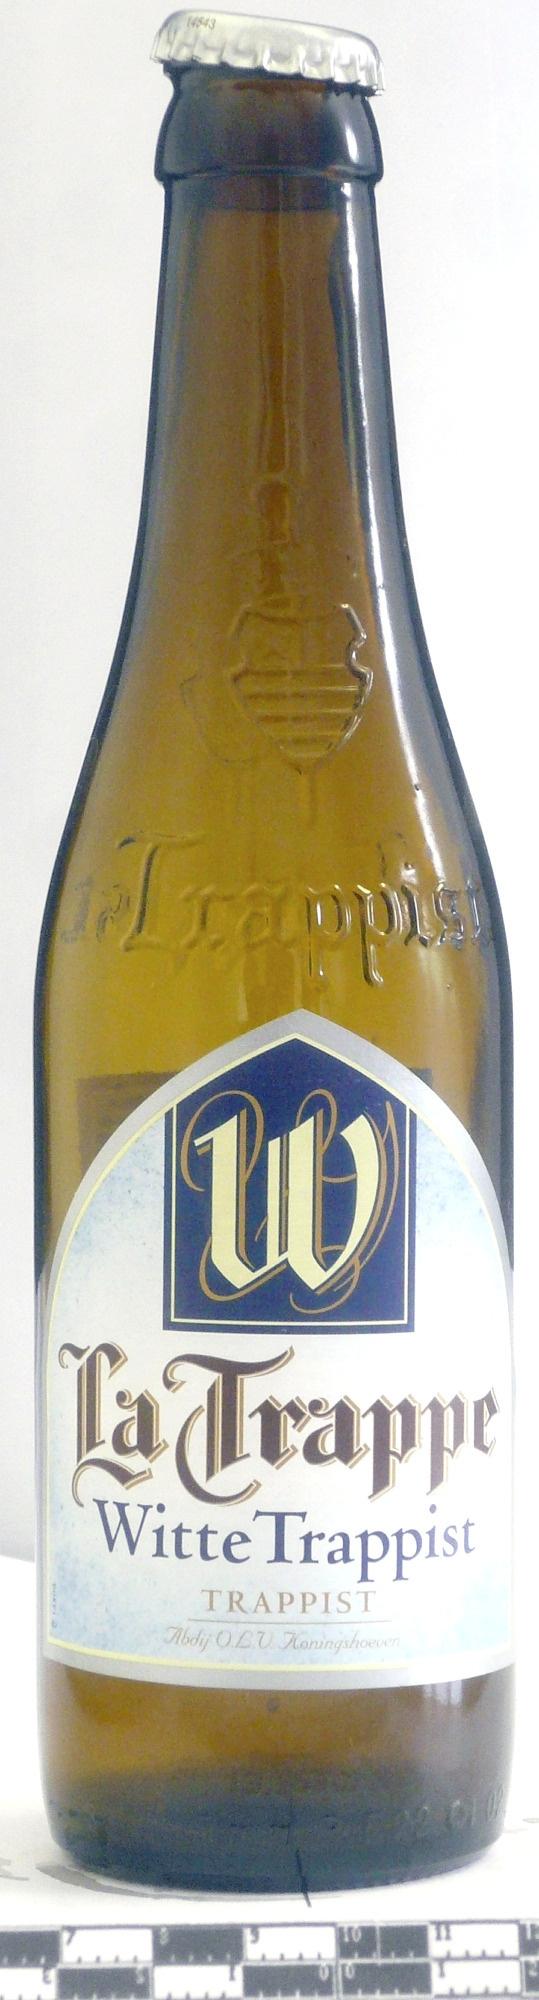 Trappist - Produit